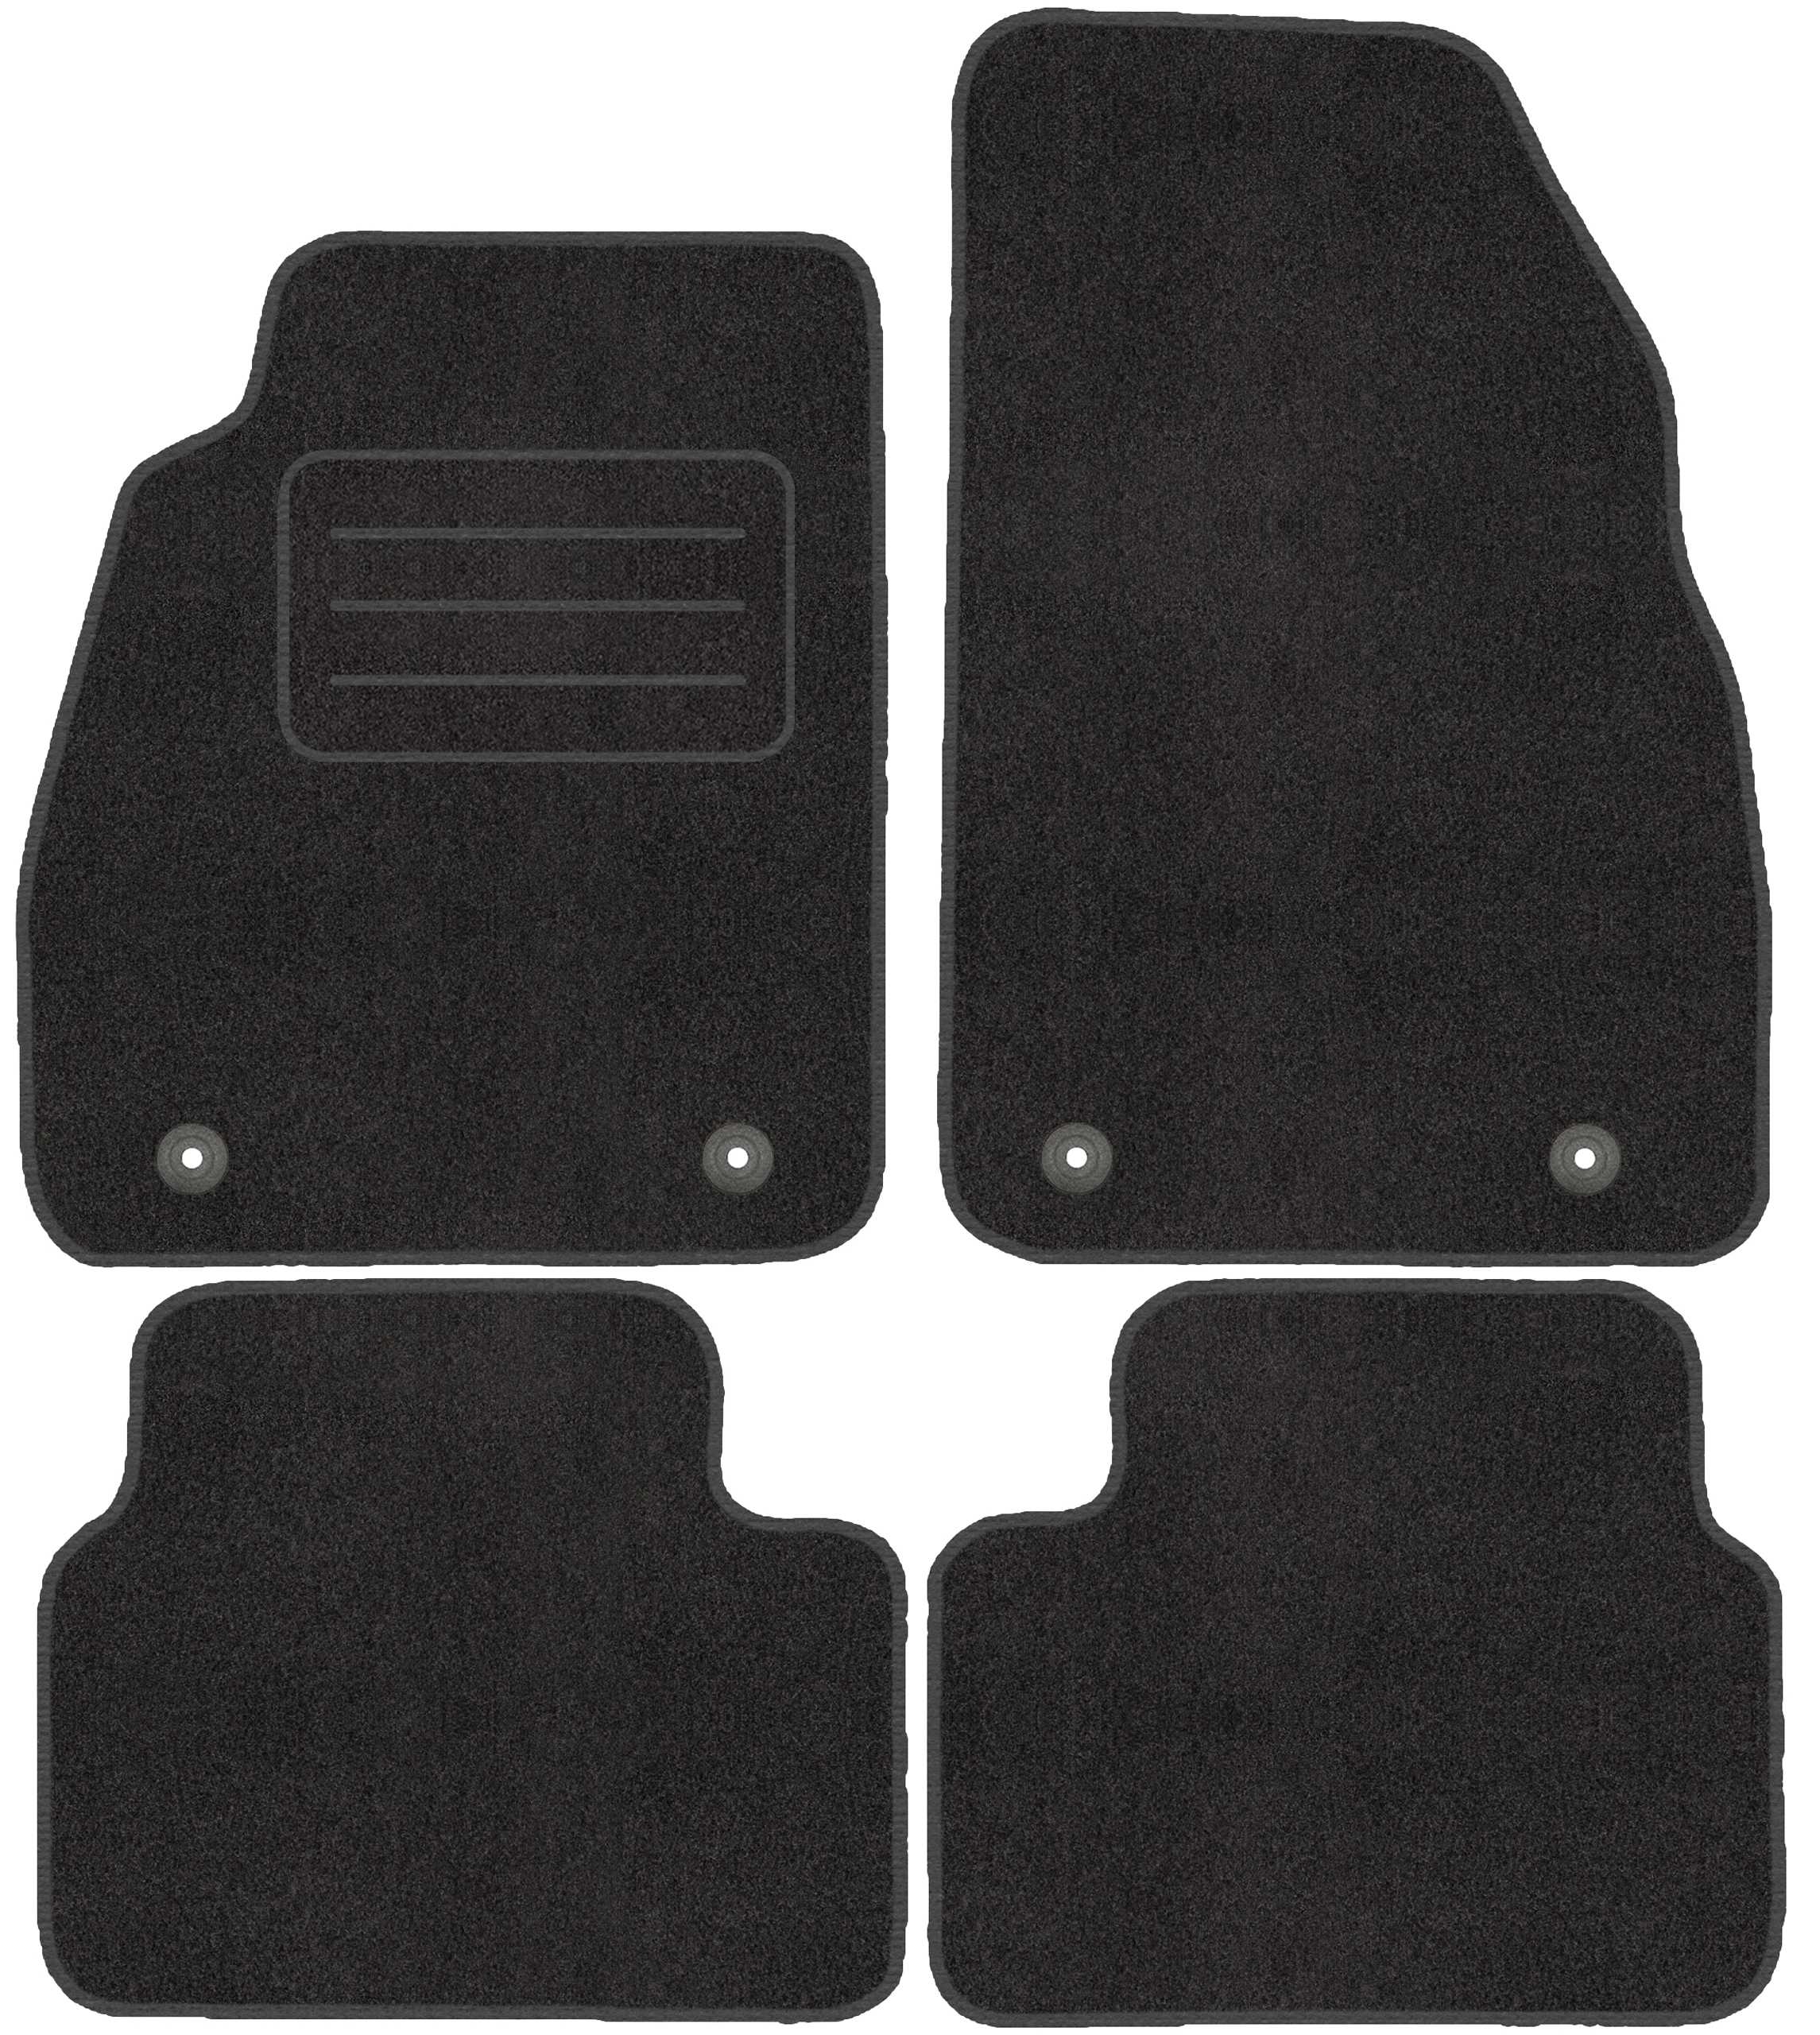 Velour Fußmatten Satz für Saab 9-5 II NG Passgenau - Premium Qualität 10-12